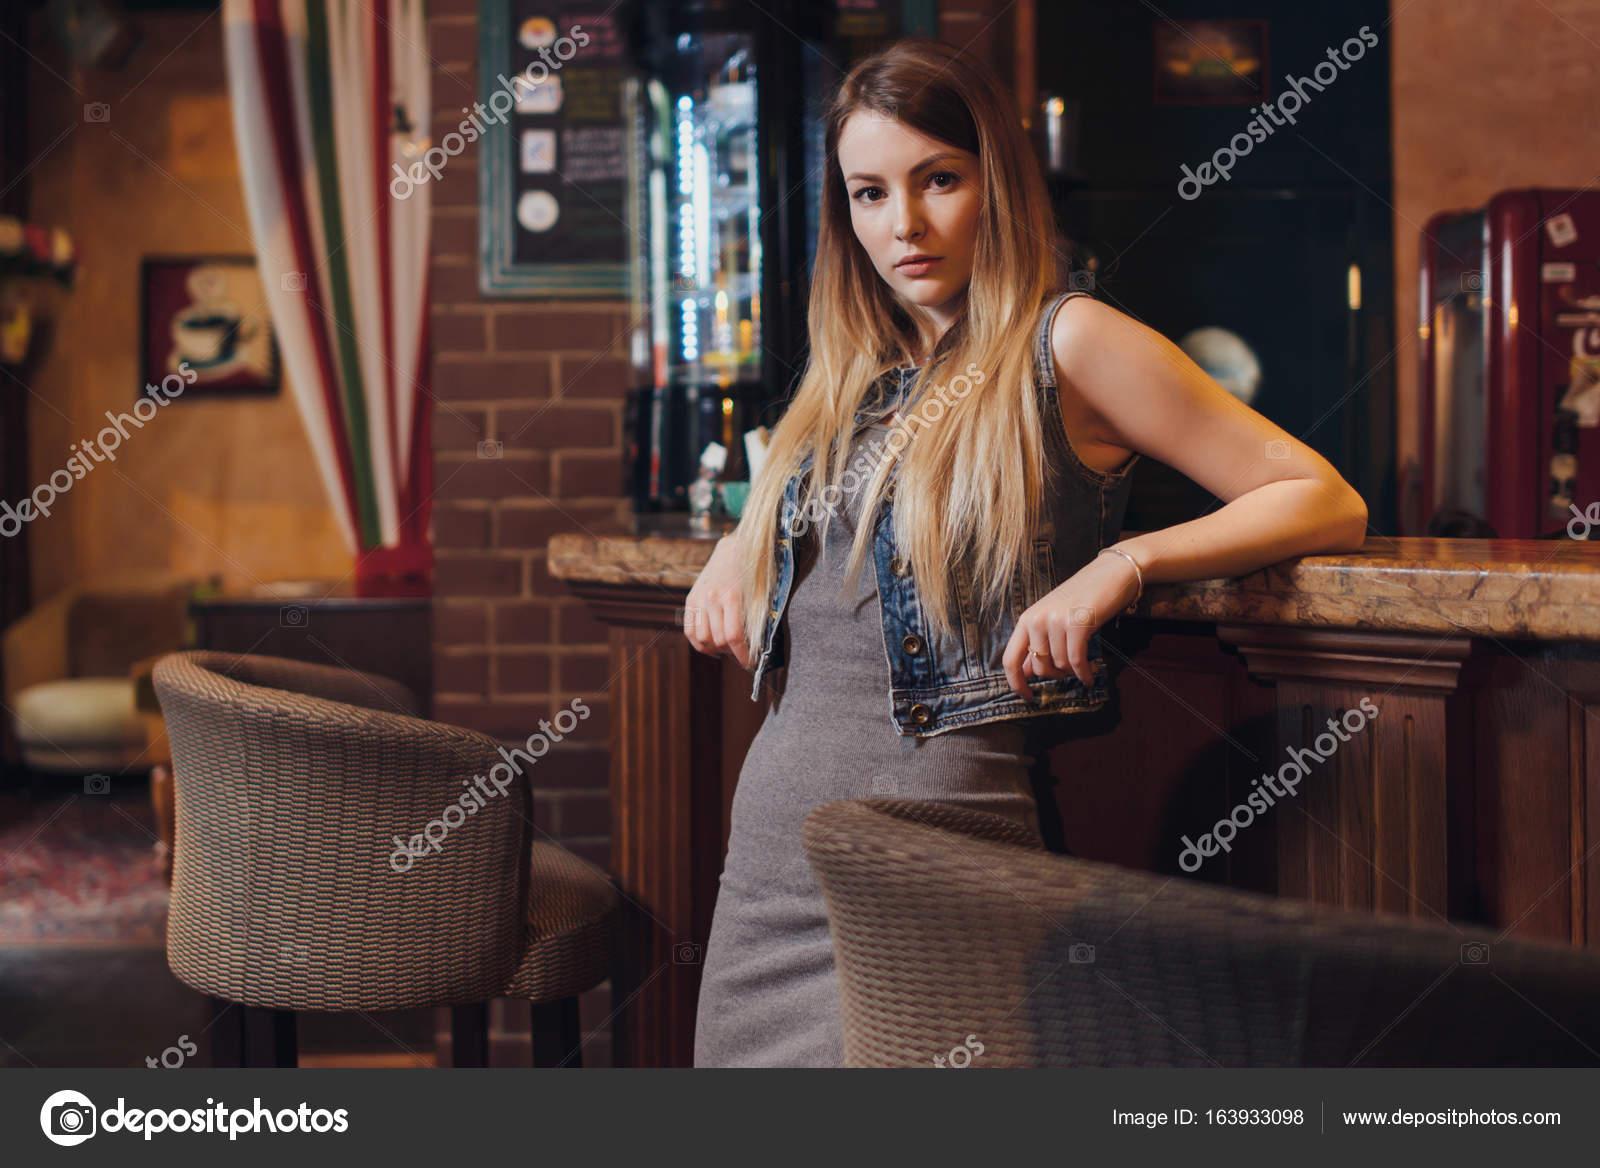 Девушка сидящая у барной стойки #6